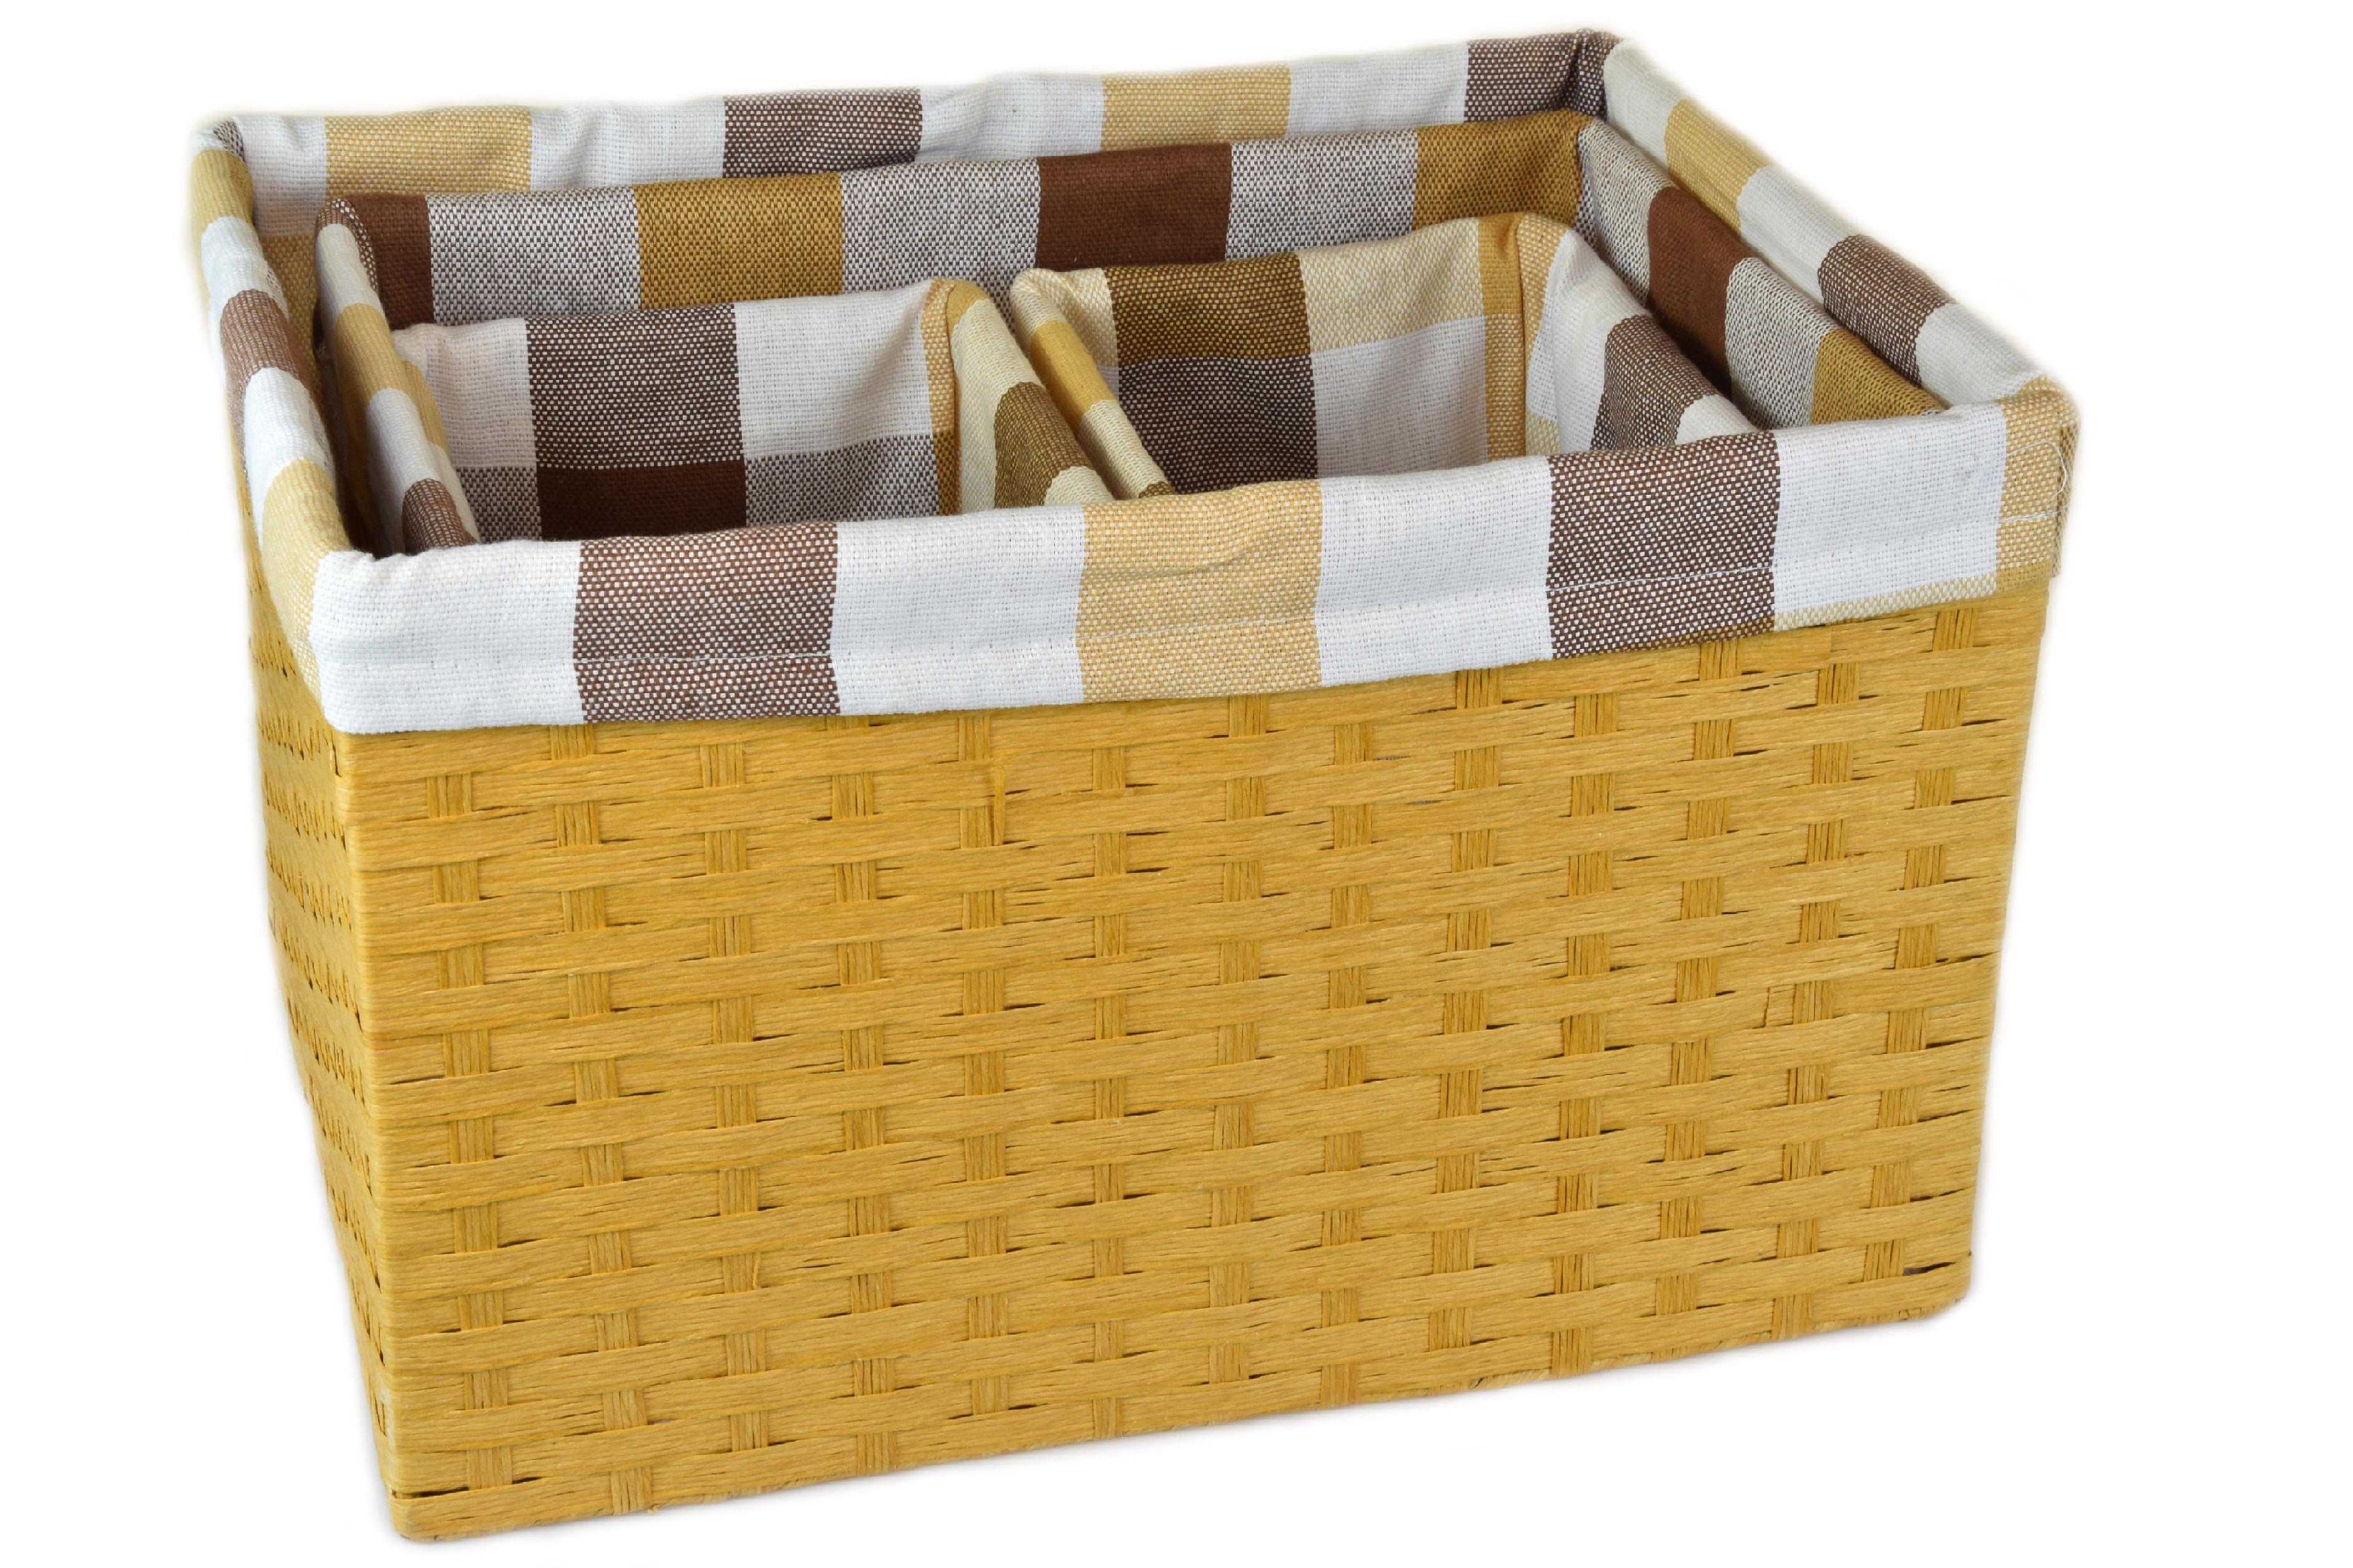 Úložný box pískový rozměry boxu (cm): 30x44, v. 25